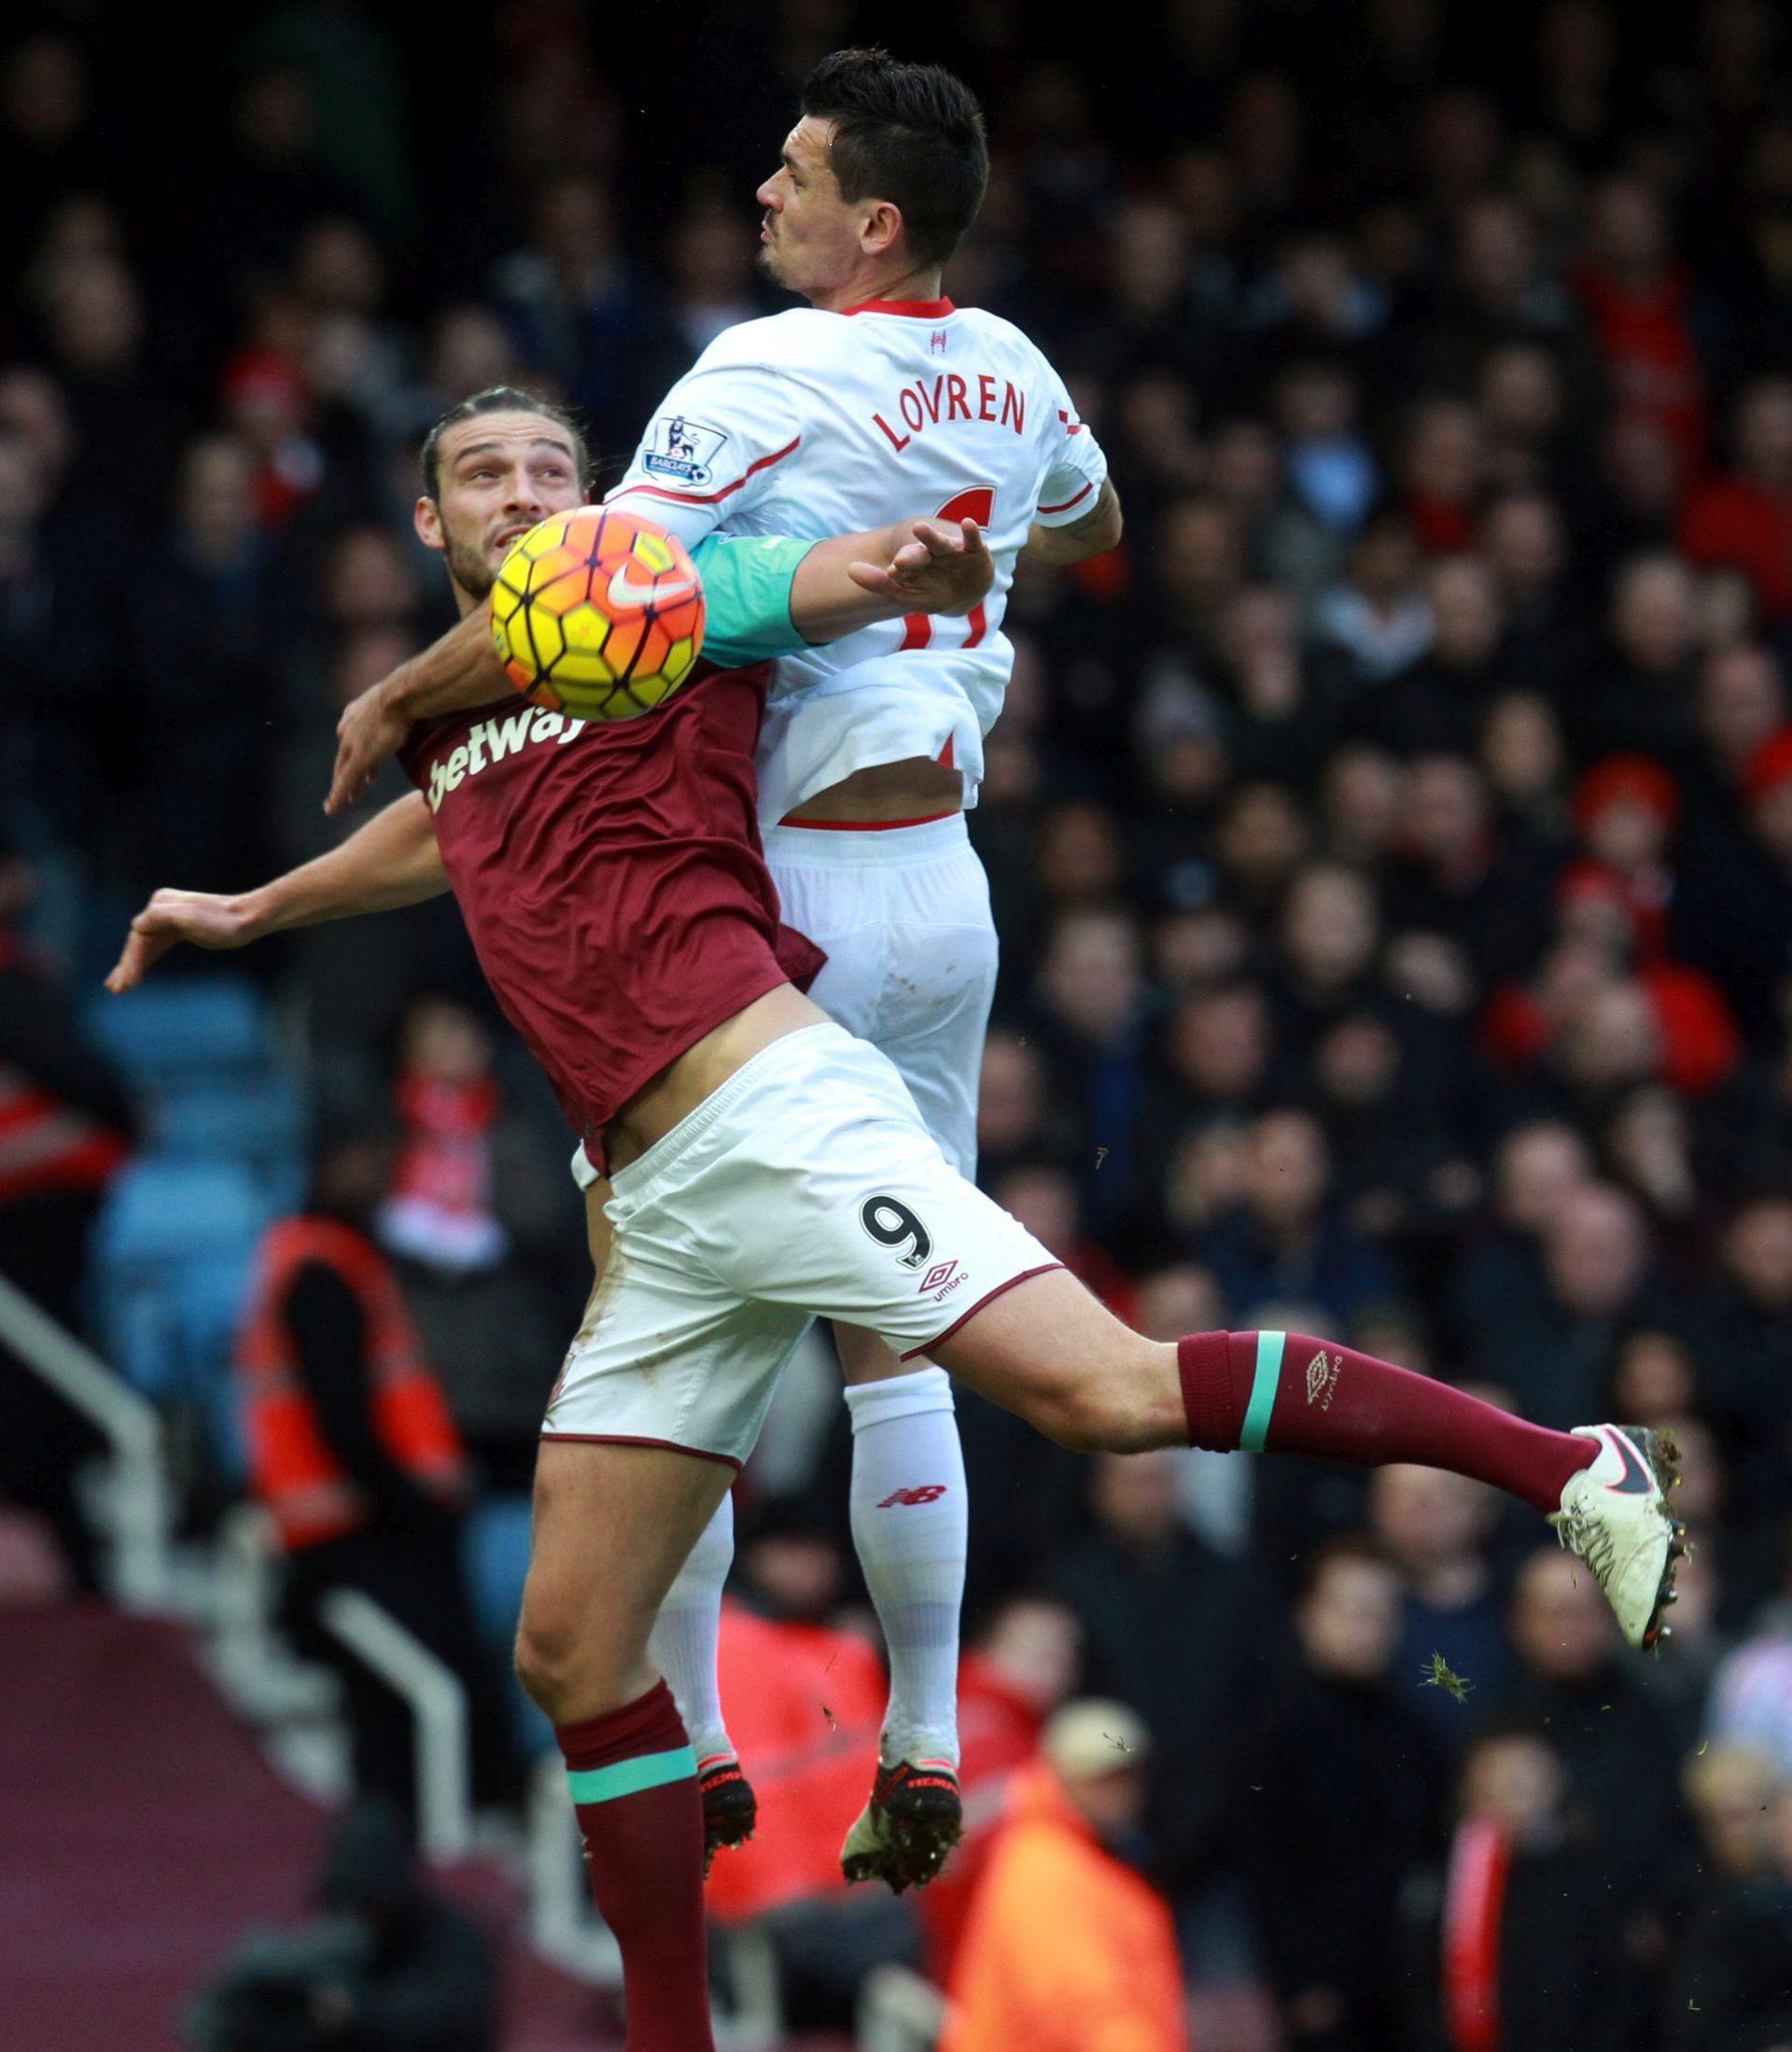 West Ham bi mogao prodati Carrolla, spremni saslušati sve ponude